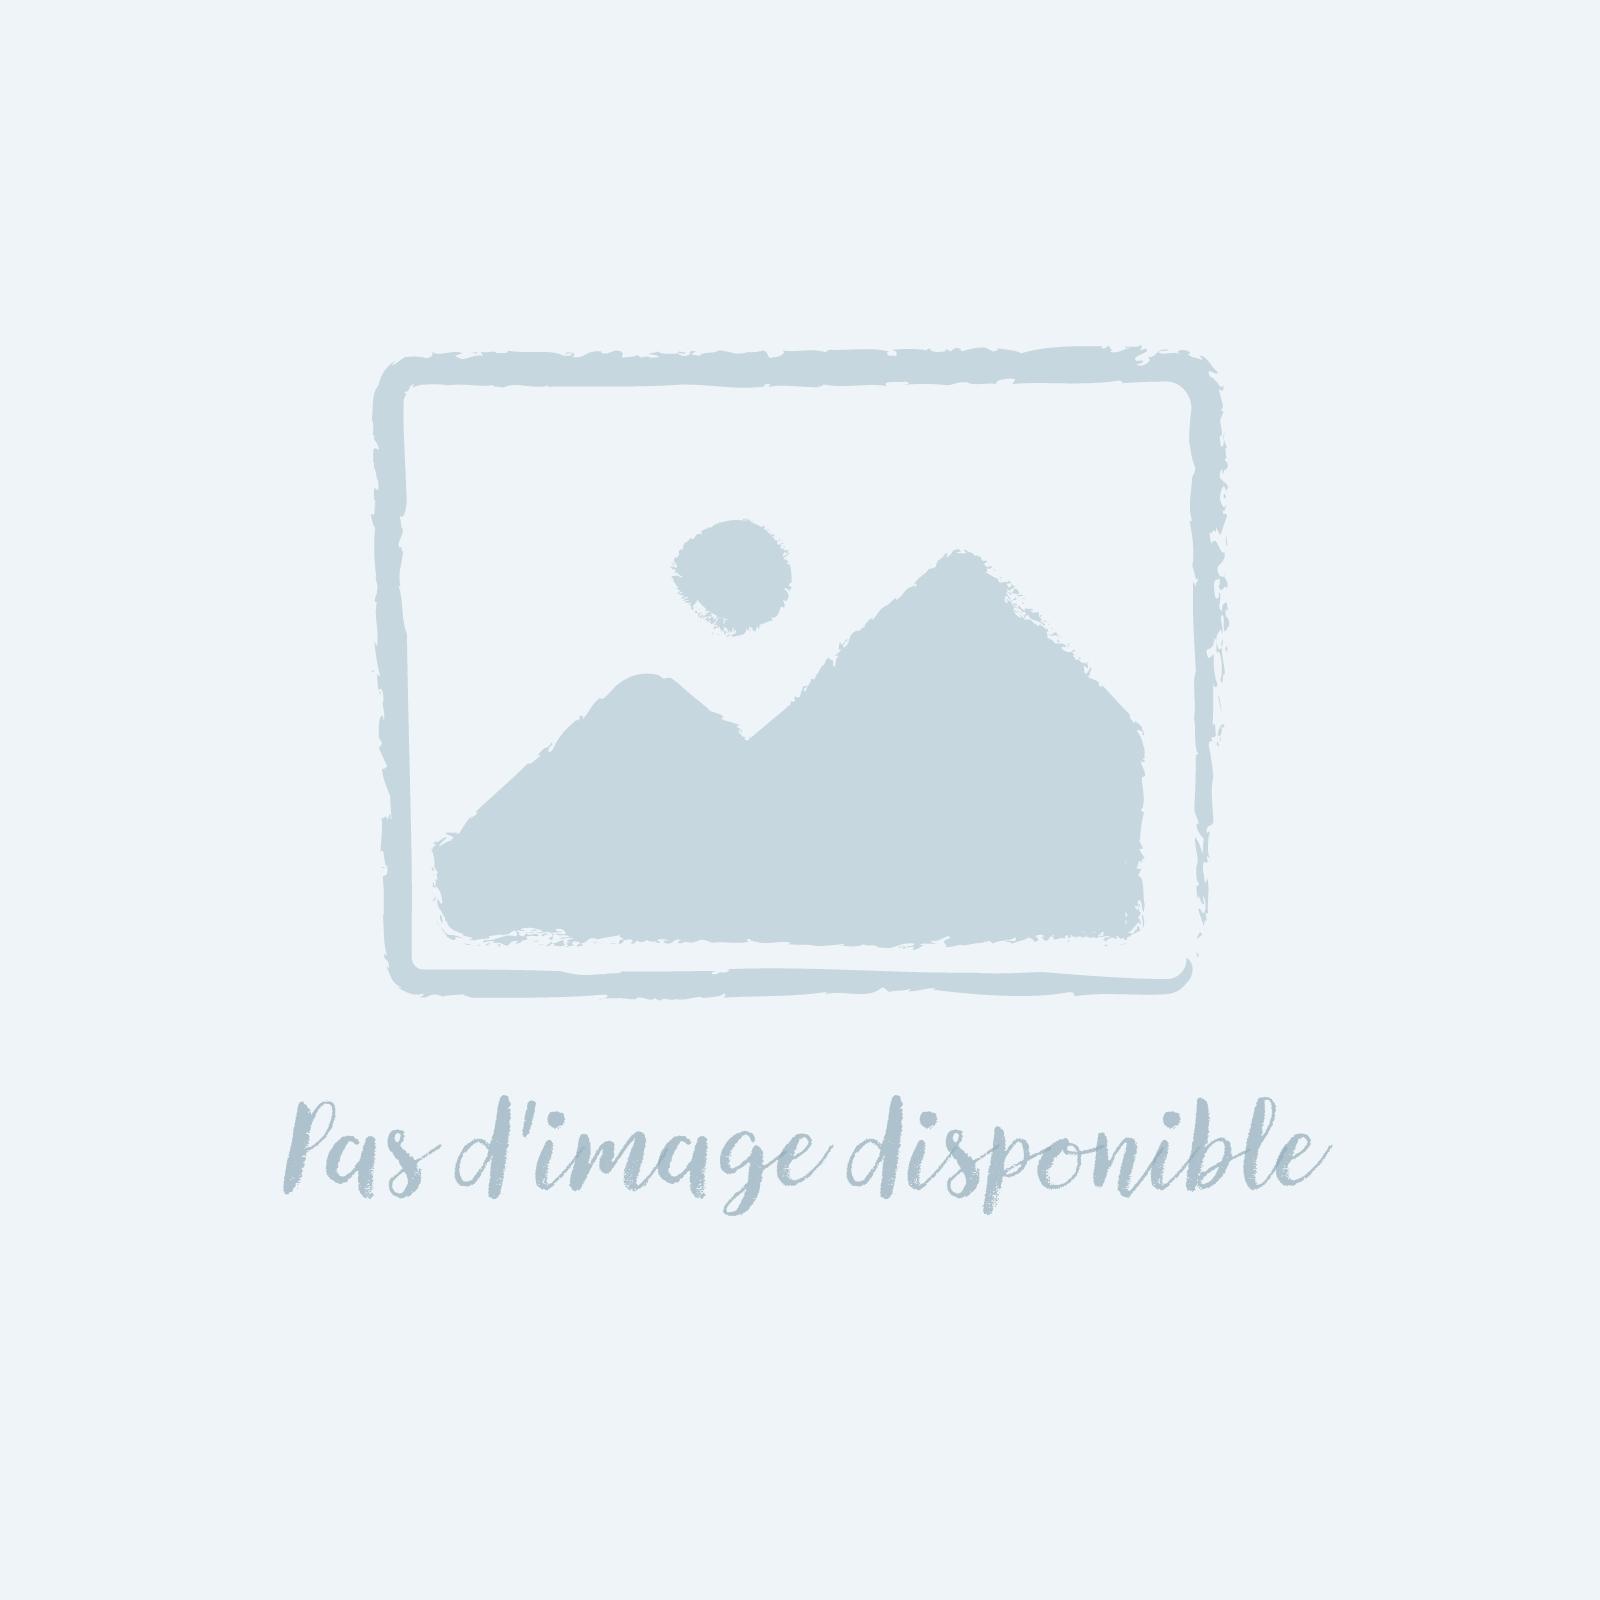 """Gerflor Creation 55 """"0863 Eramosa beige"""" - Dalle PVC à coller"""